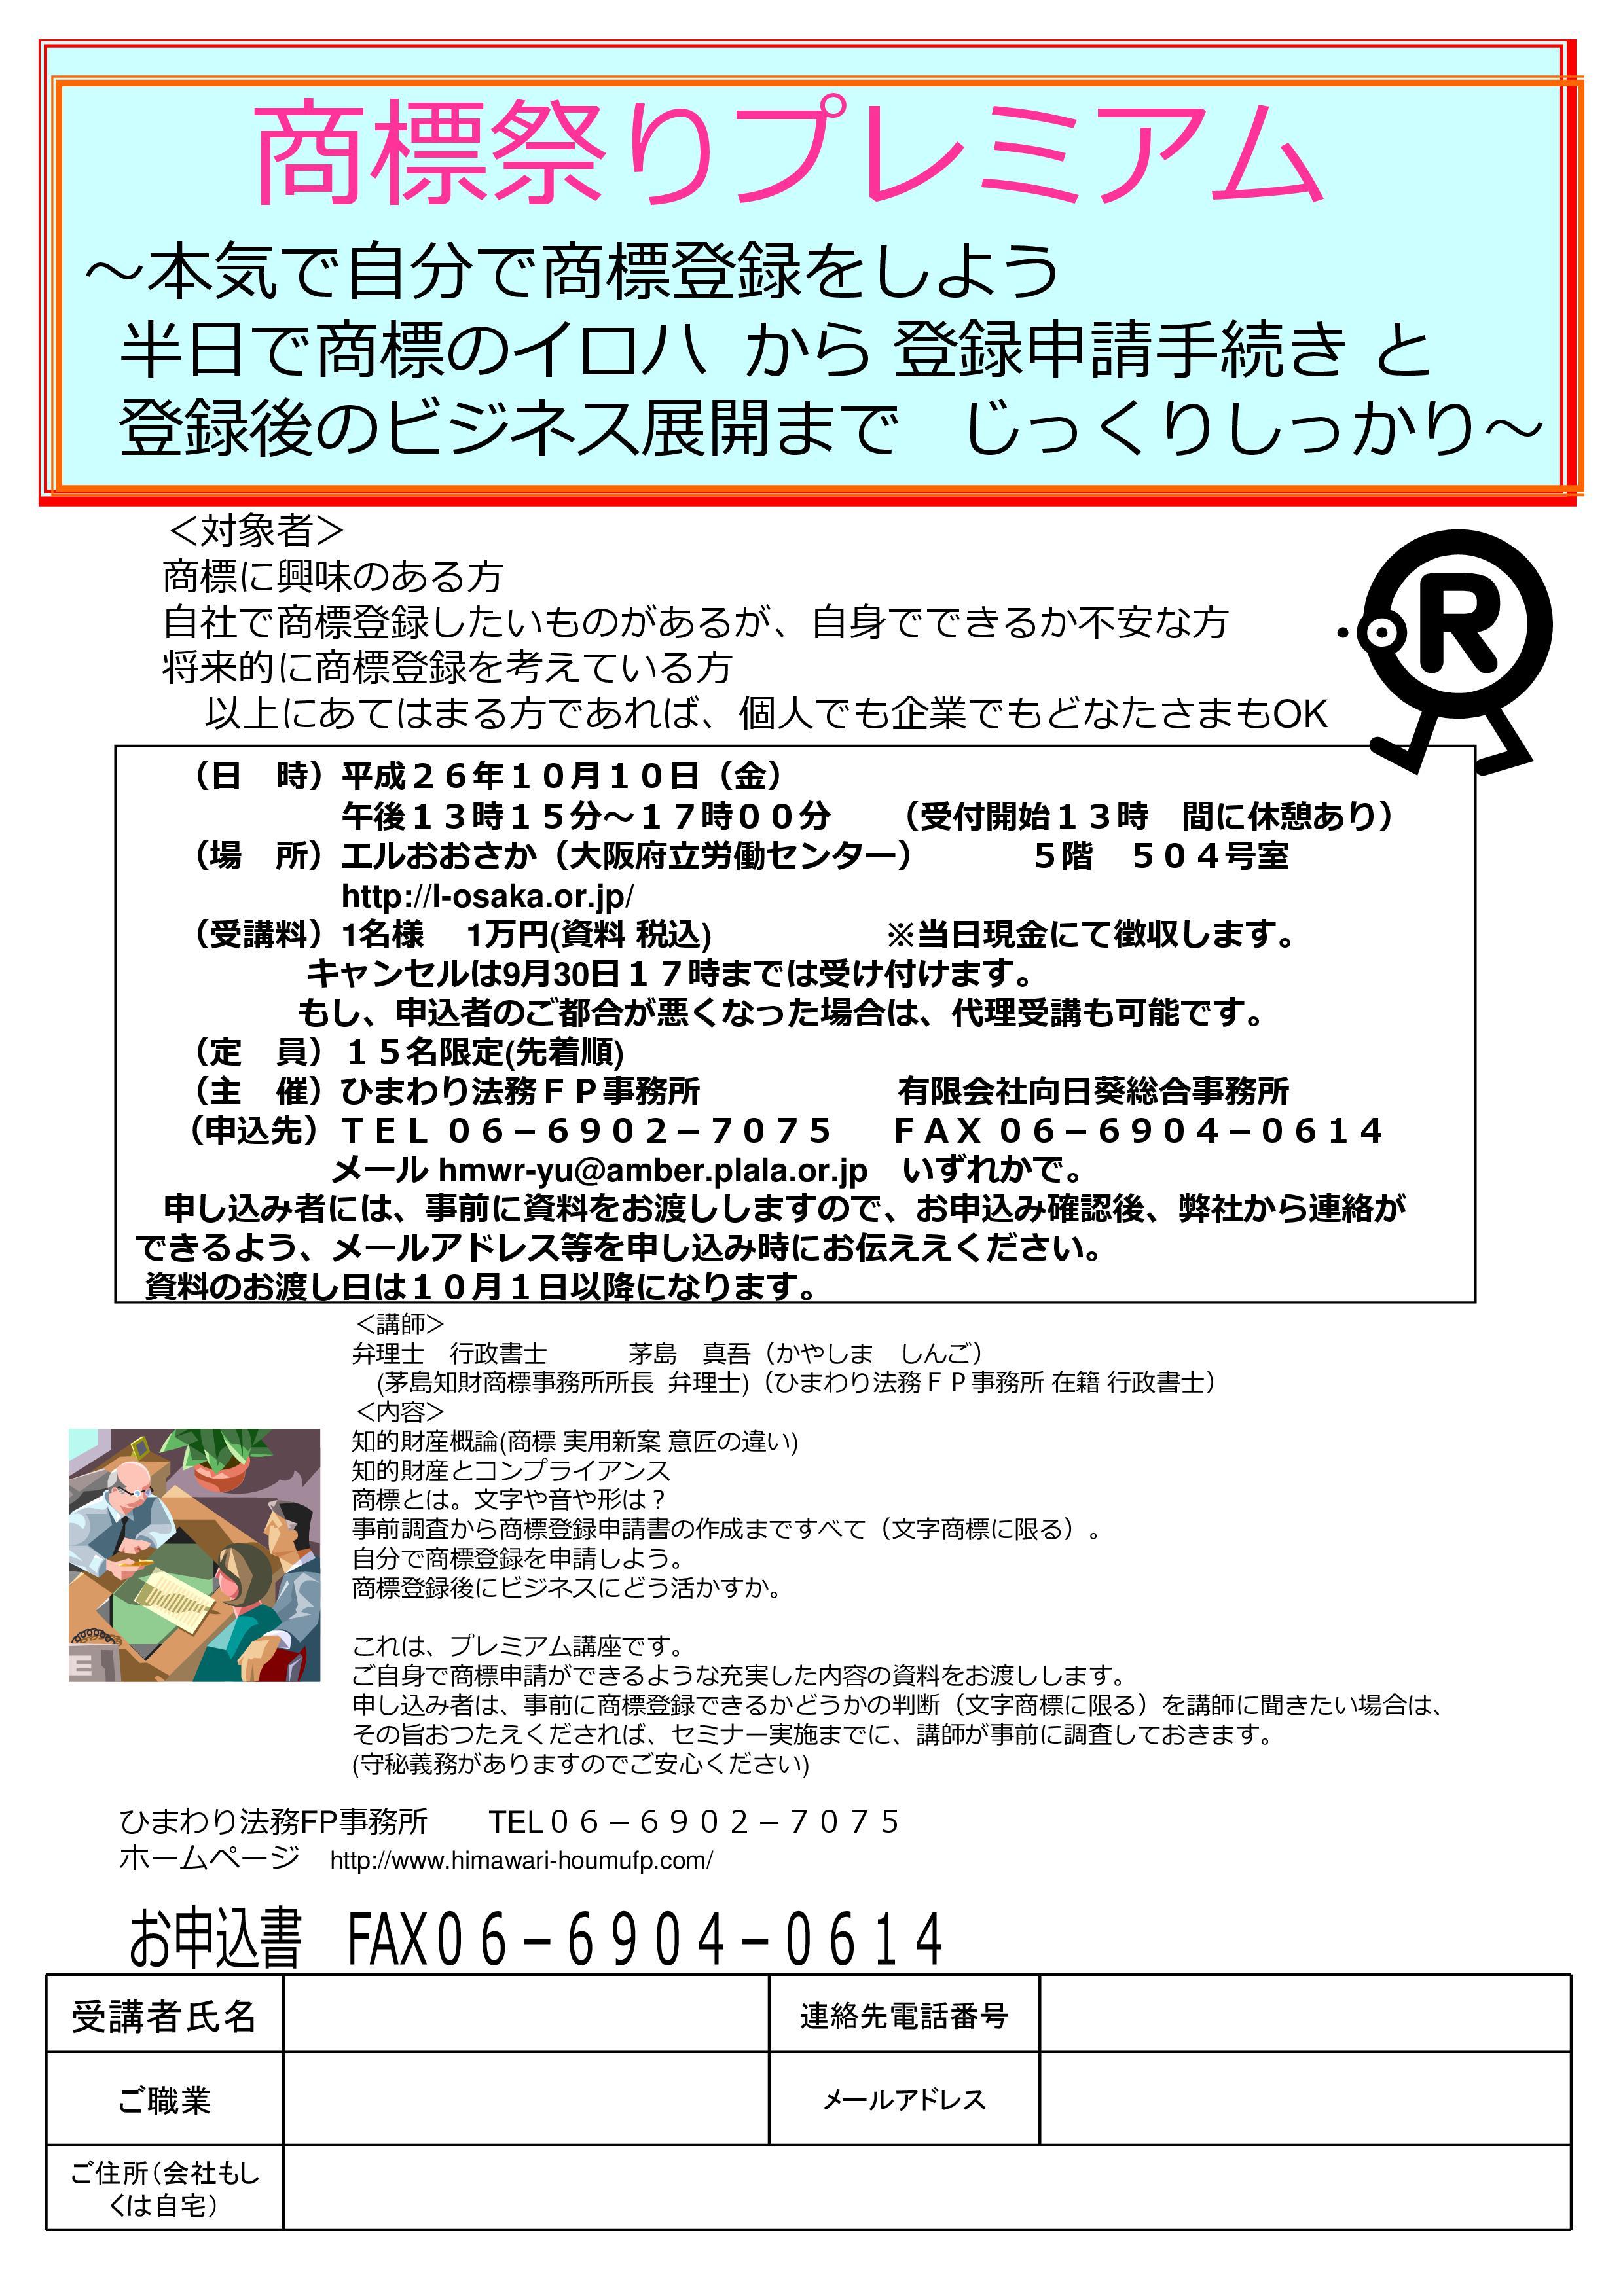 商標祭りセミナーチラシ26.10.jpg